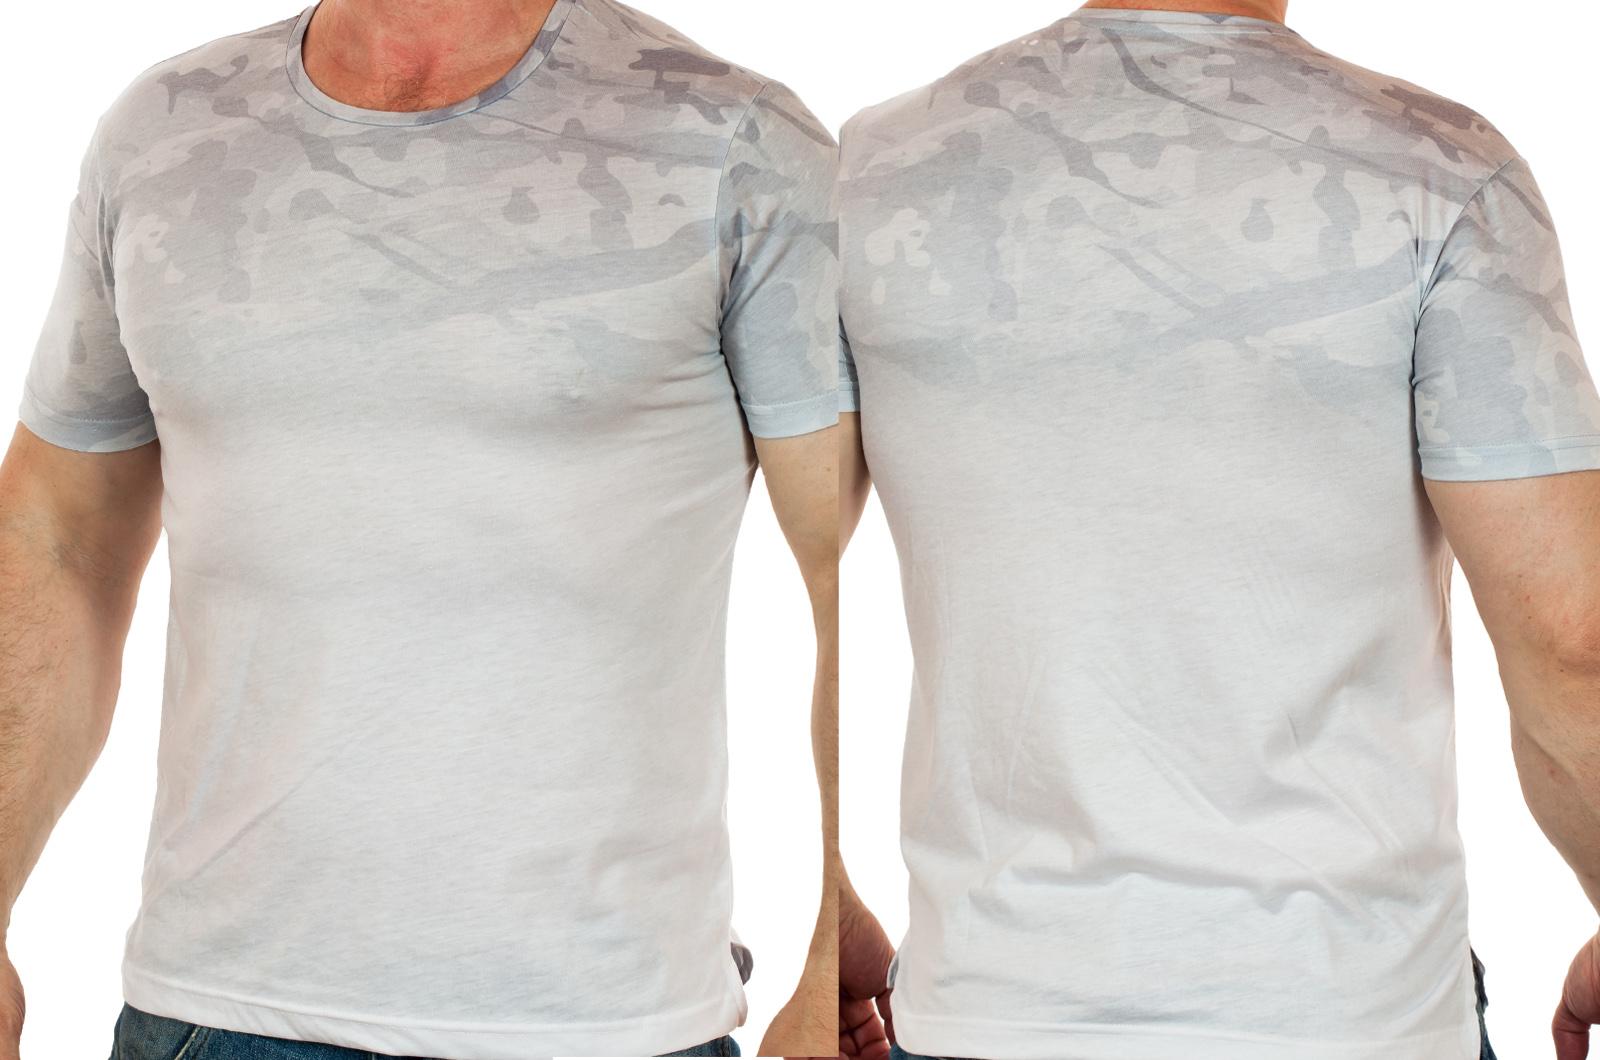 Молодежная мужская футболка Max Youngman с мягким 3D-переходом